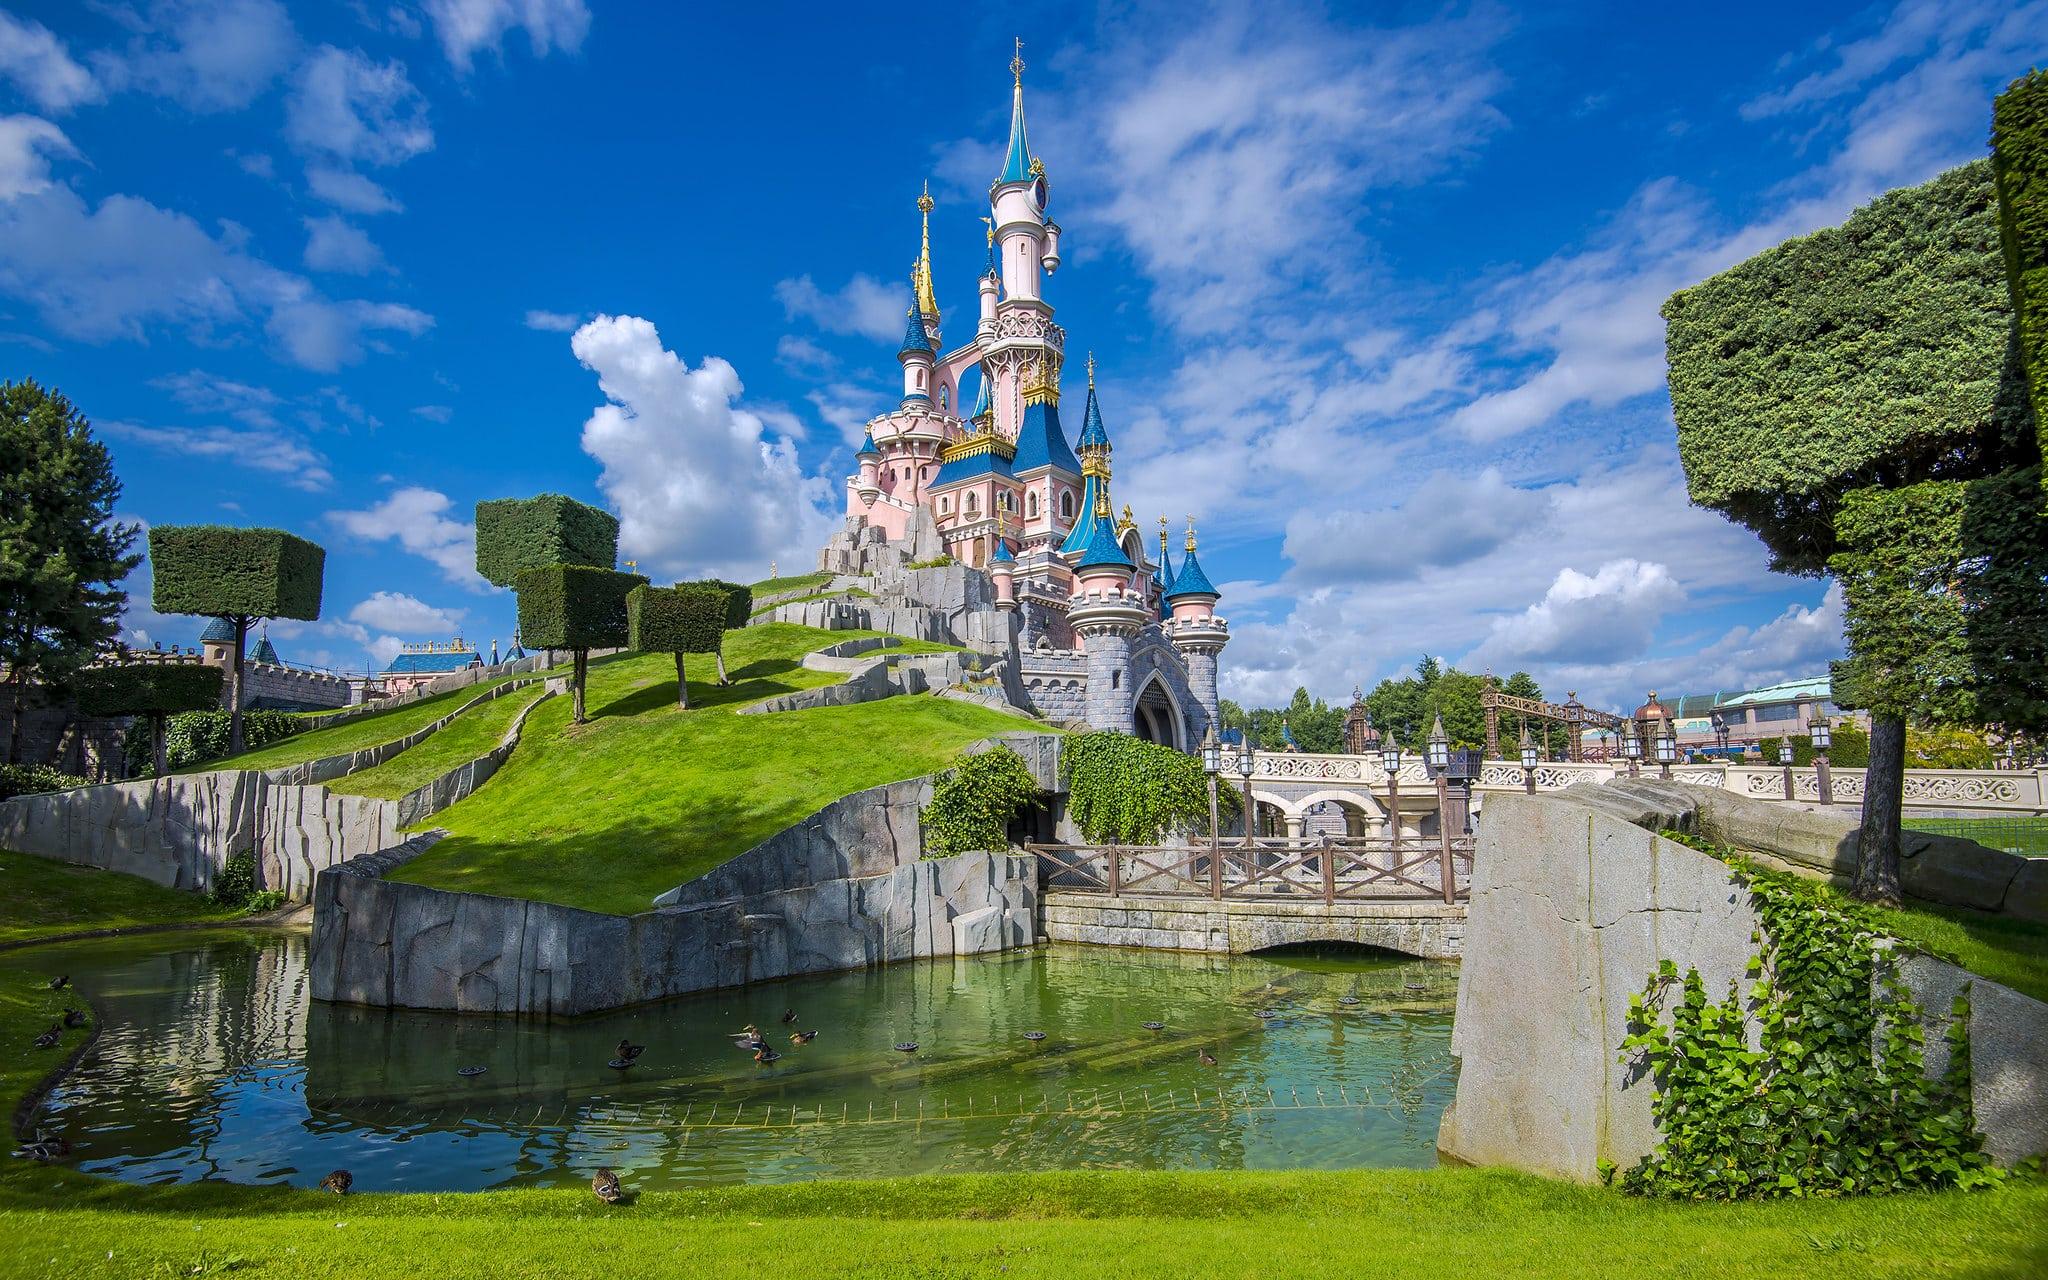 Disneyland Paris endroits instagrammés